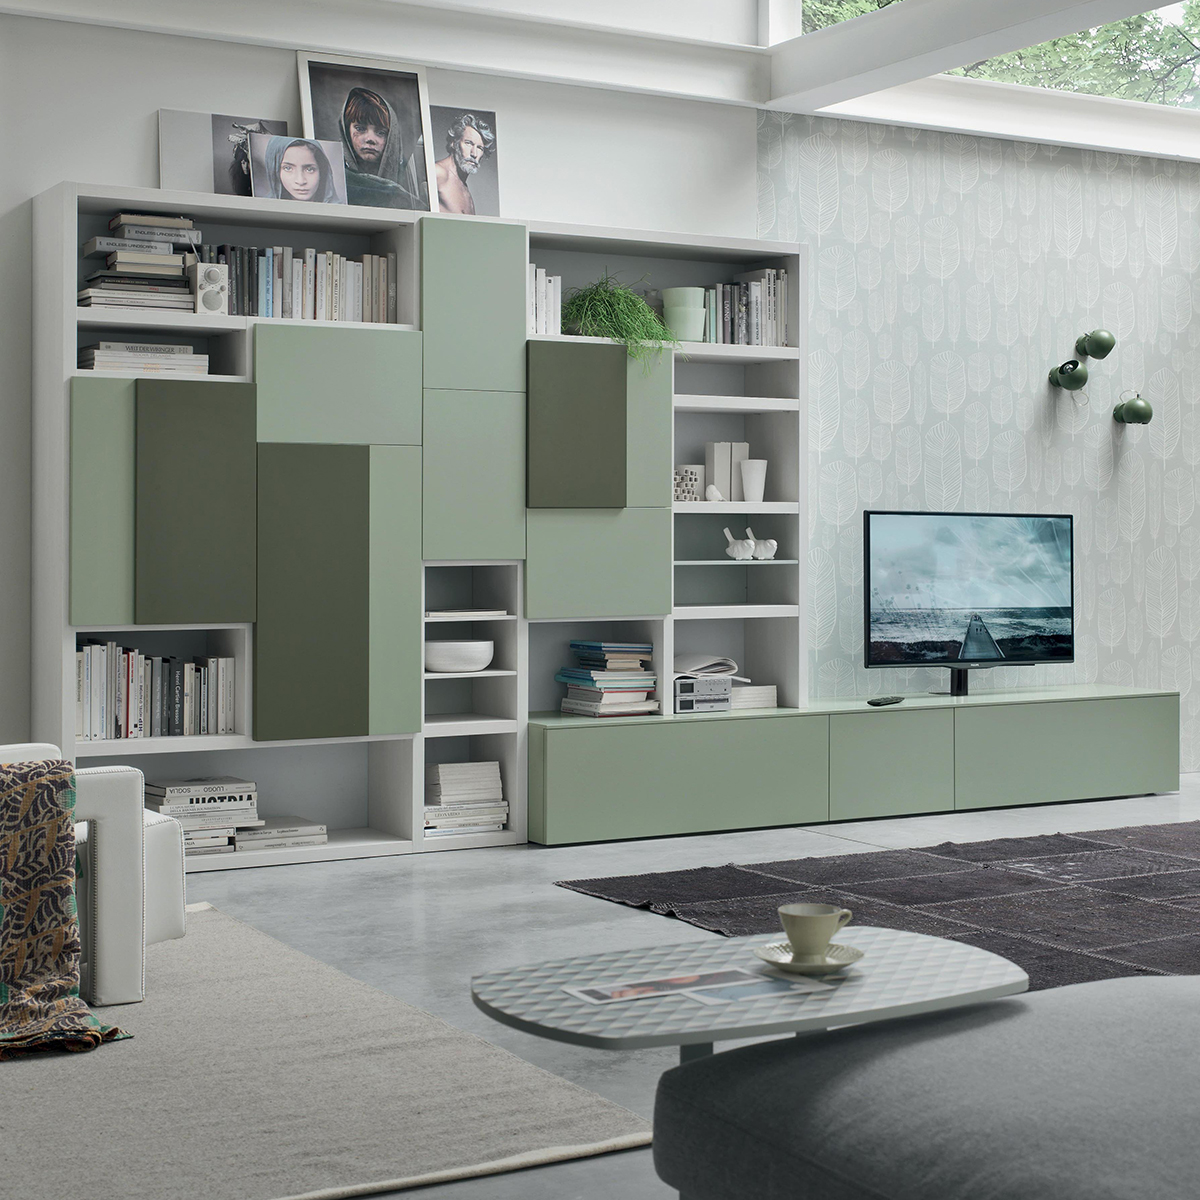 Seta sa1571 mobile soggiorno moderno componibile l 408 8 cm maronese acf interno77 - Mobile moderno per soggiorno ...